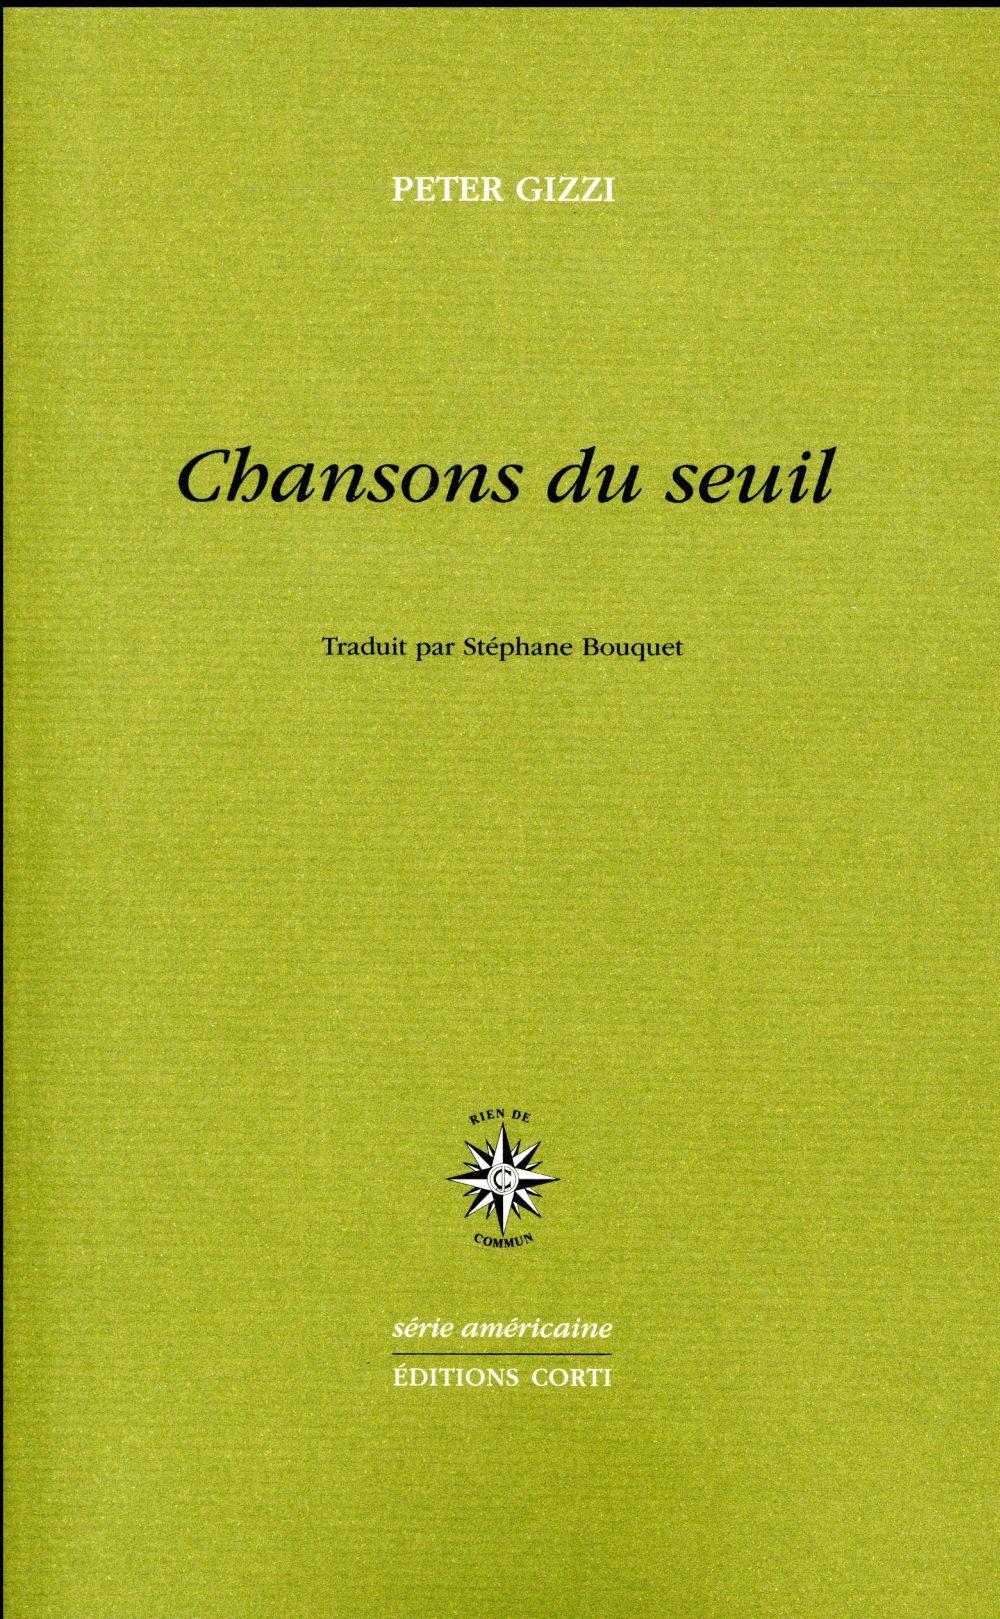 CHANSONS DU SEUIL